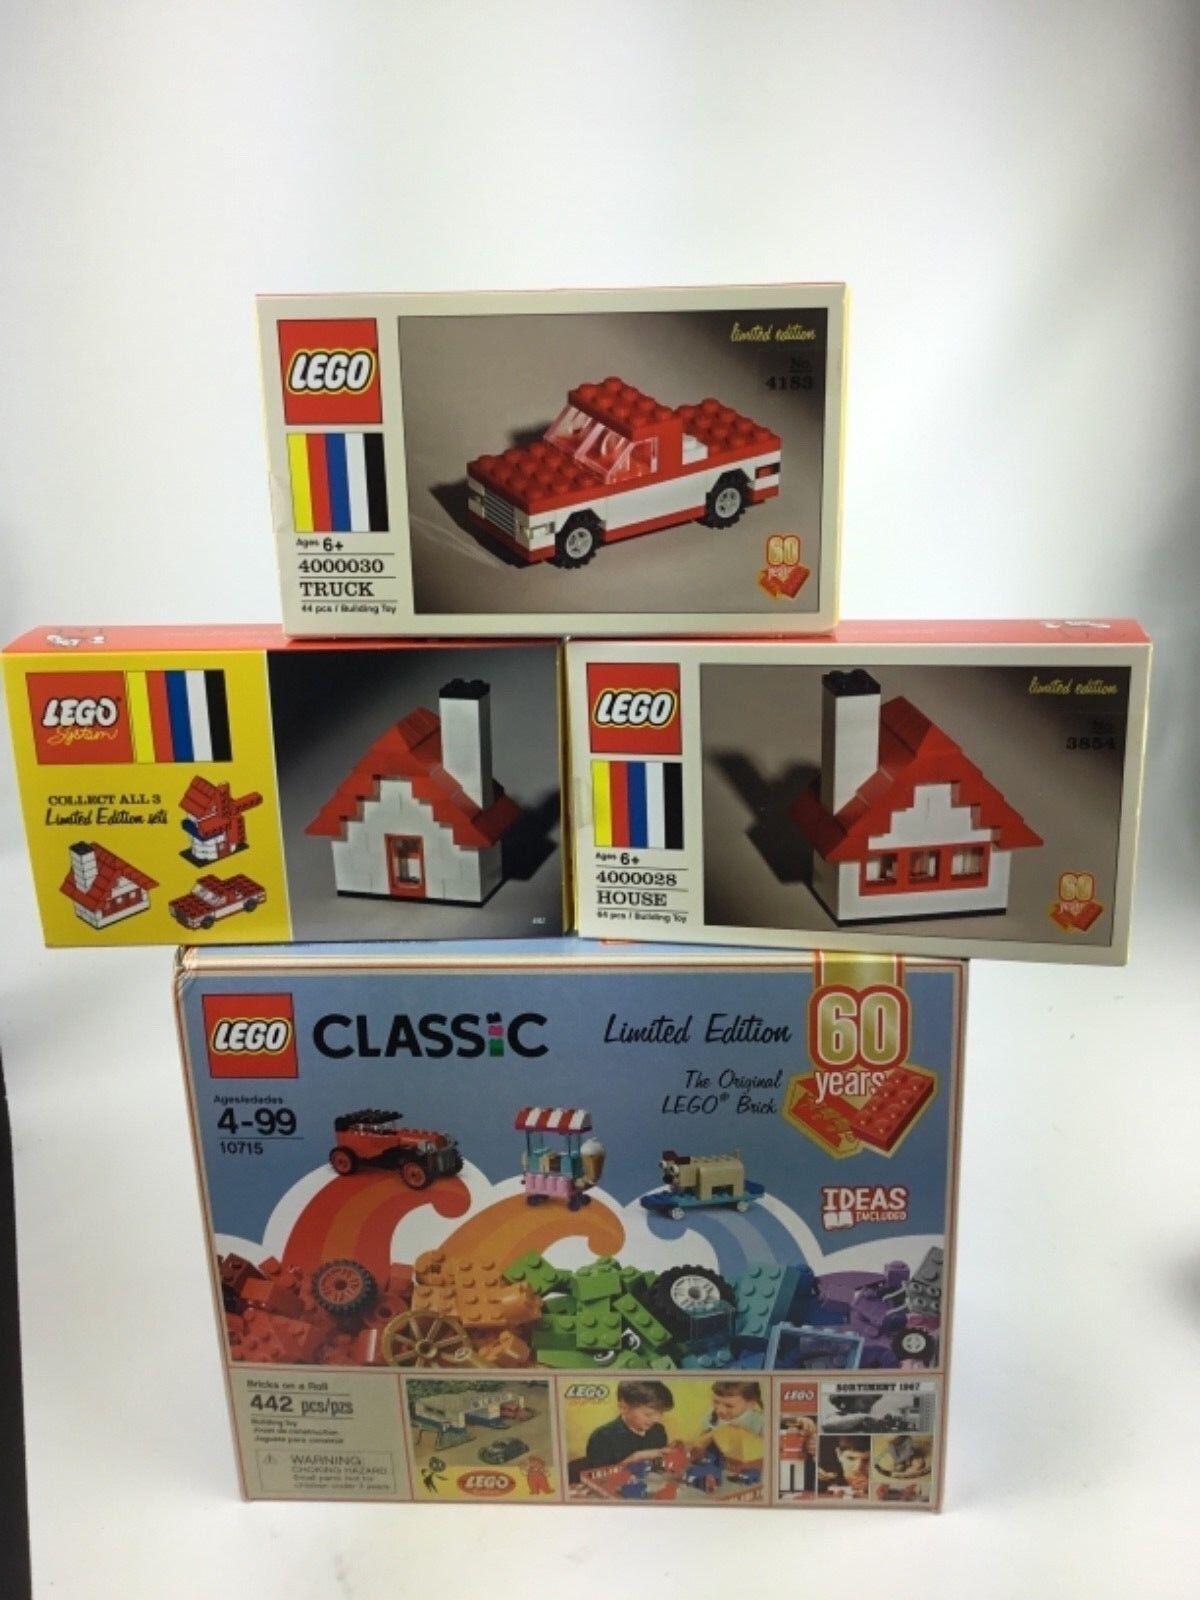 Lego 60th aniversario Lote 10715 Casa 4000028 camión 4000030 De Colección envío gratuito